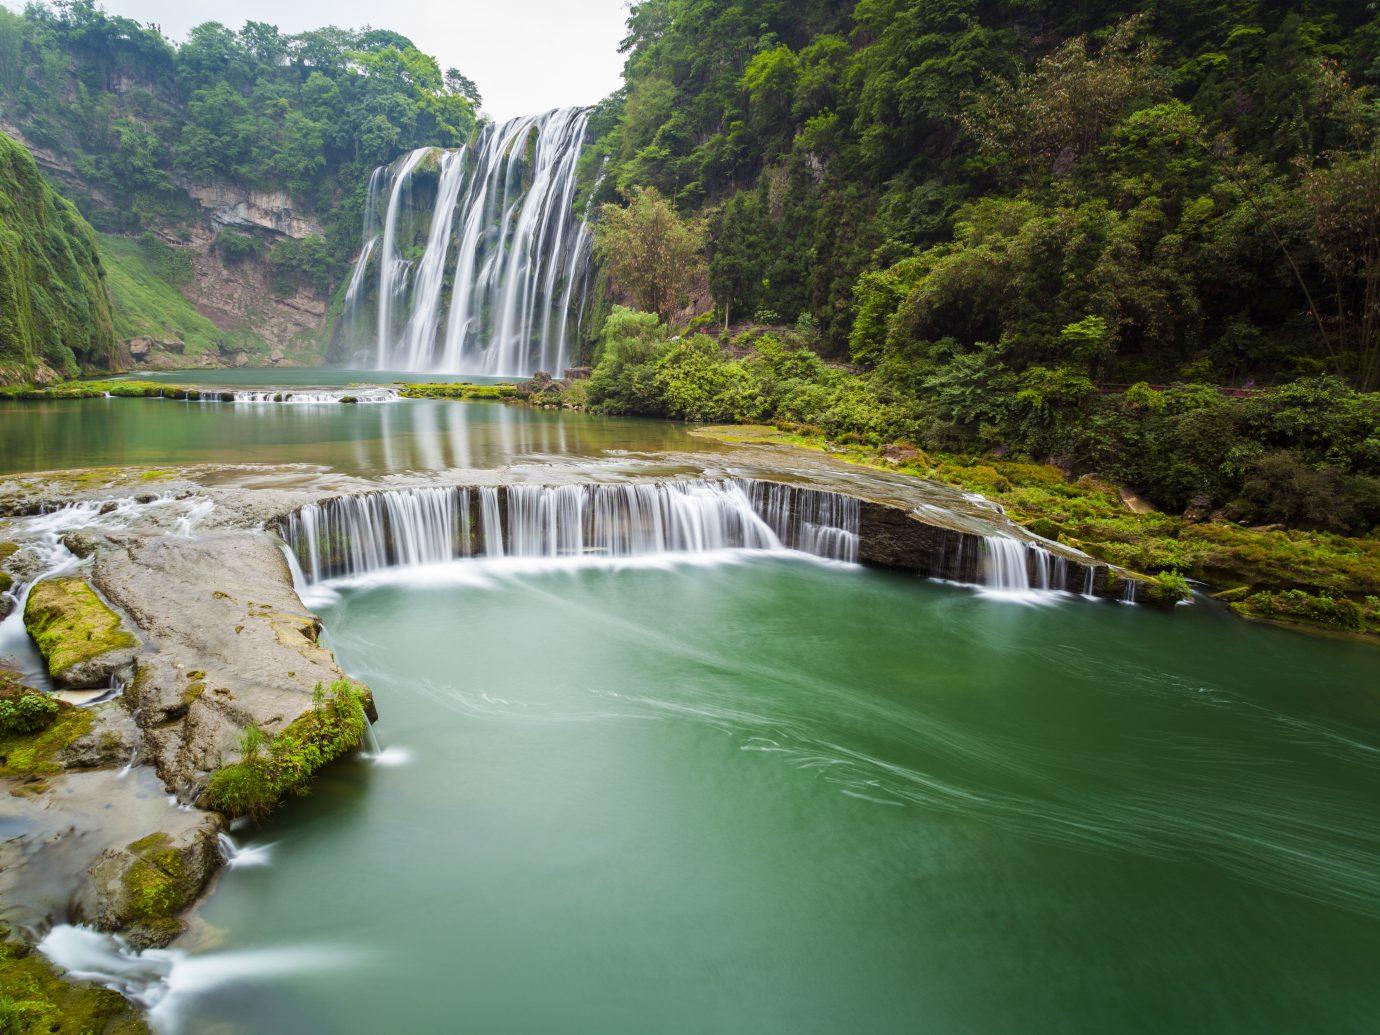 Huang guoshu Waterfall, guizhou, China